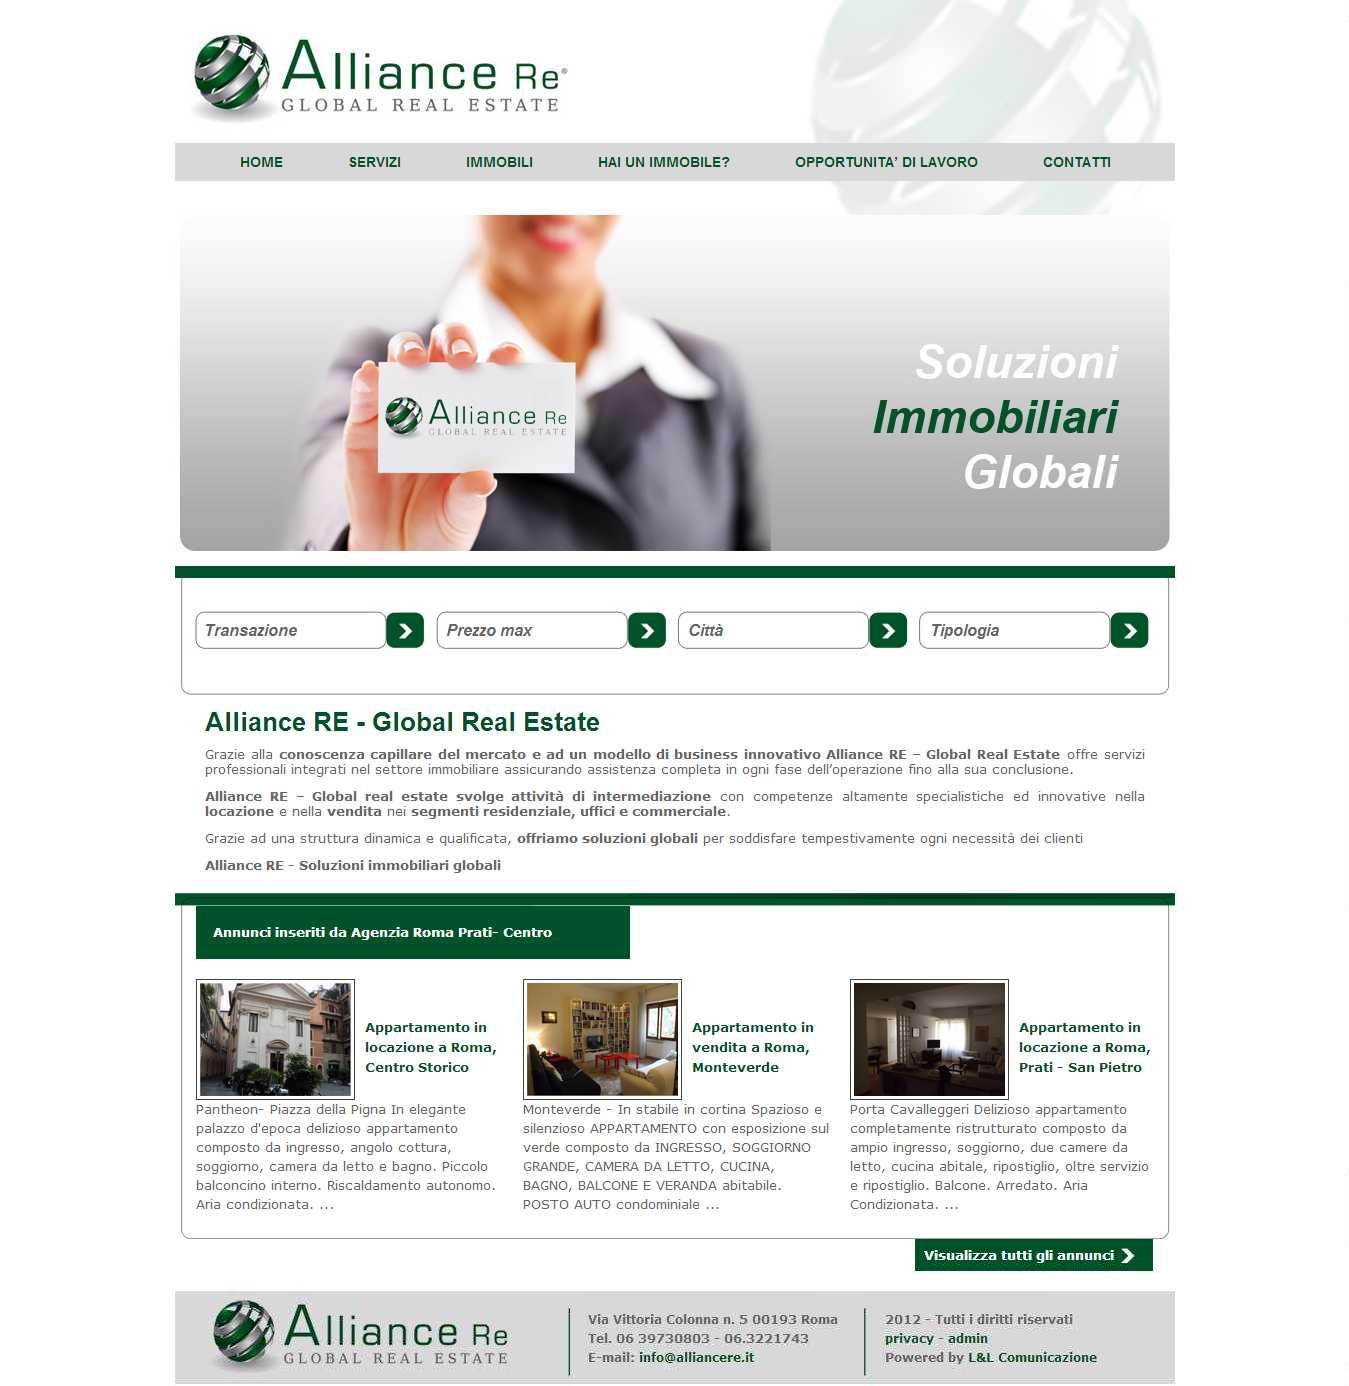 Creazione Siti Web Roma - Alliance Re agenzia immobiliare